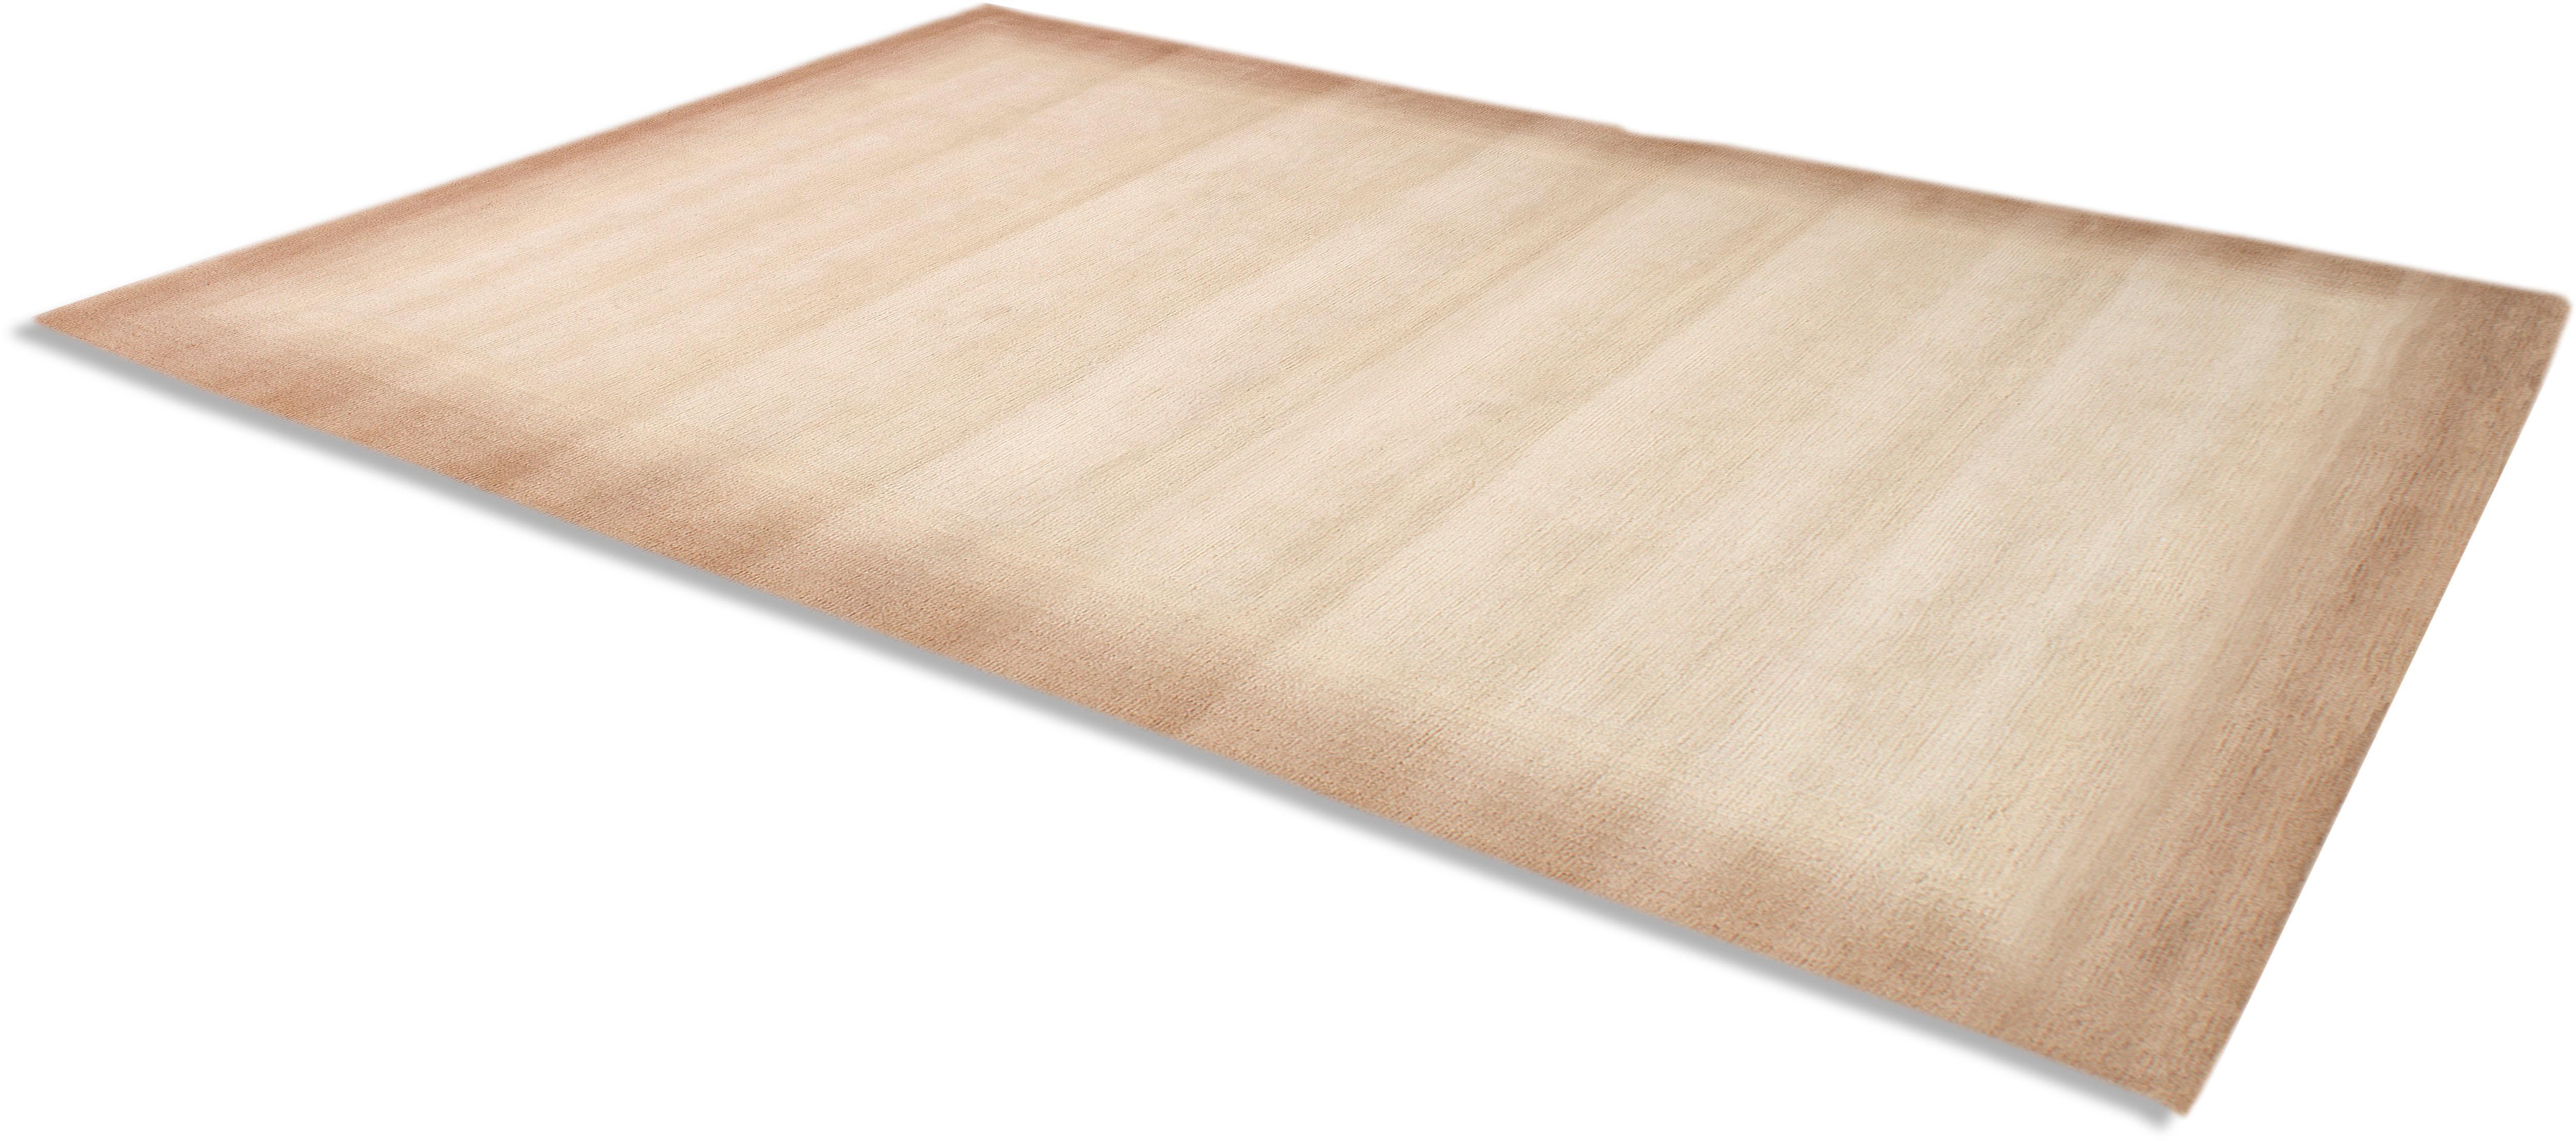 Wollteppich Vinciano Tami OCI DIE TEPPICHMARKE rechteckig Höhe 8 mm manuell geknüpft